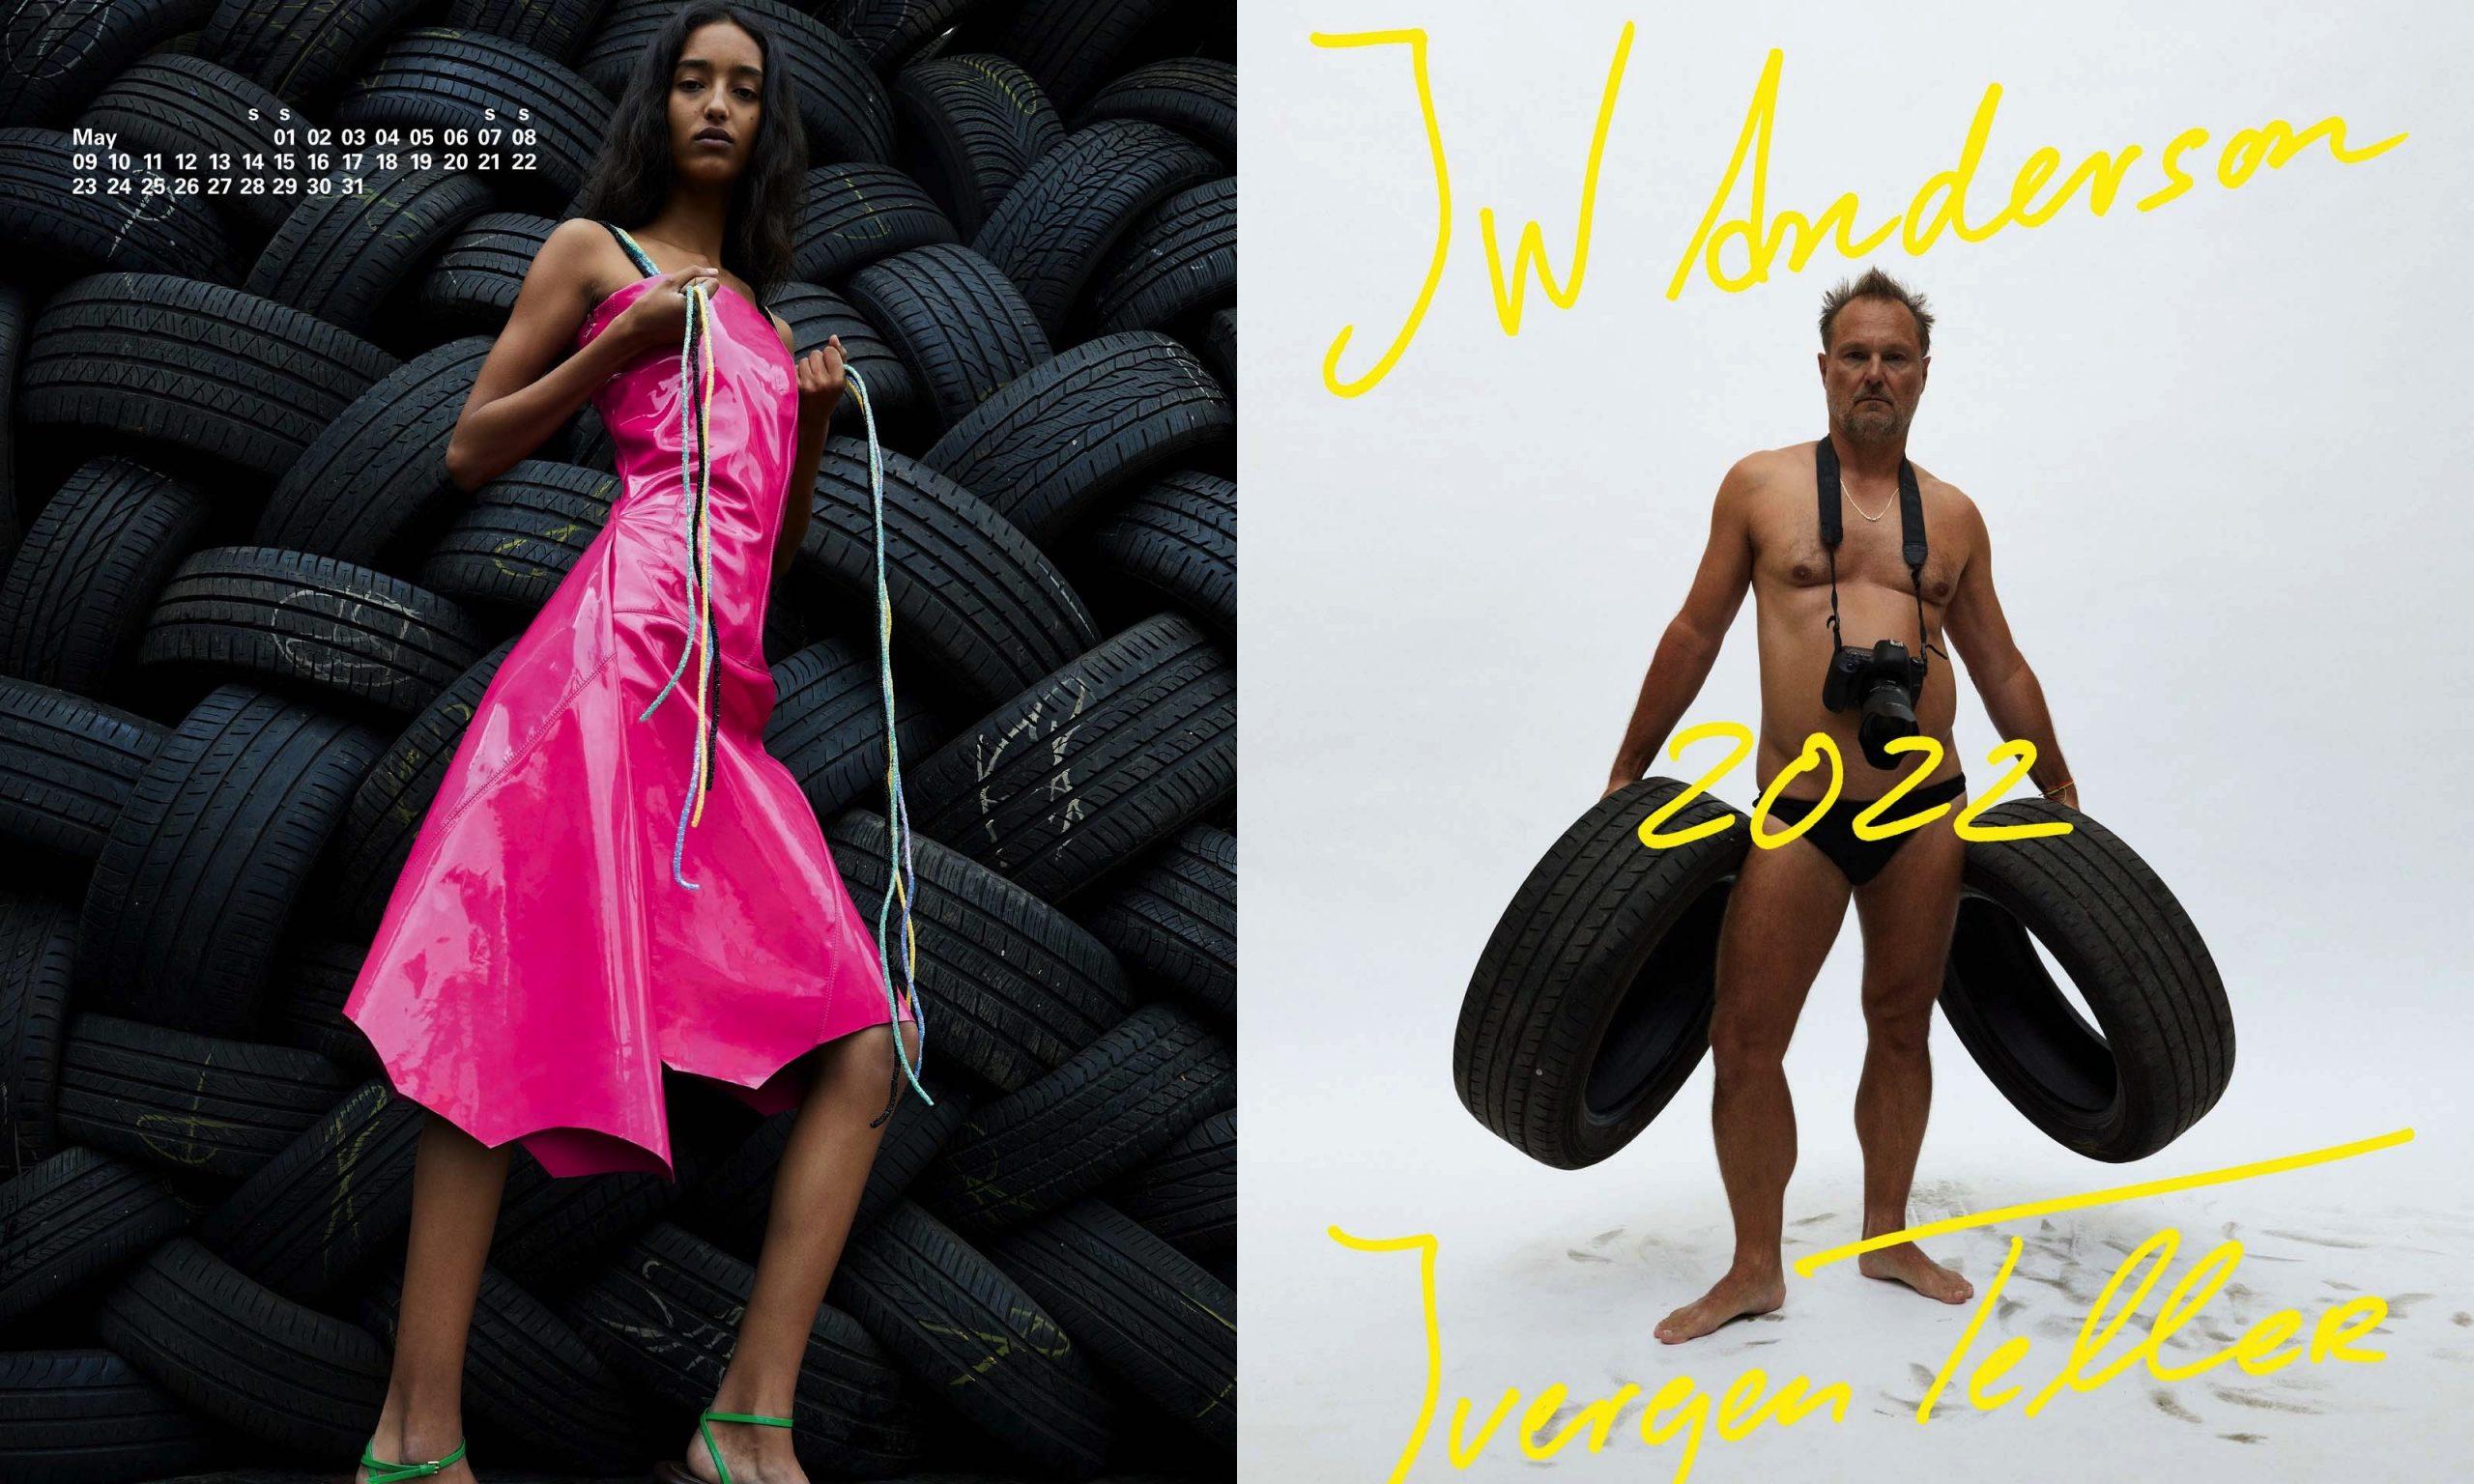 复古玩味!JW Anderson 2022 春夏系列以日历形式释出